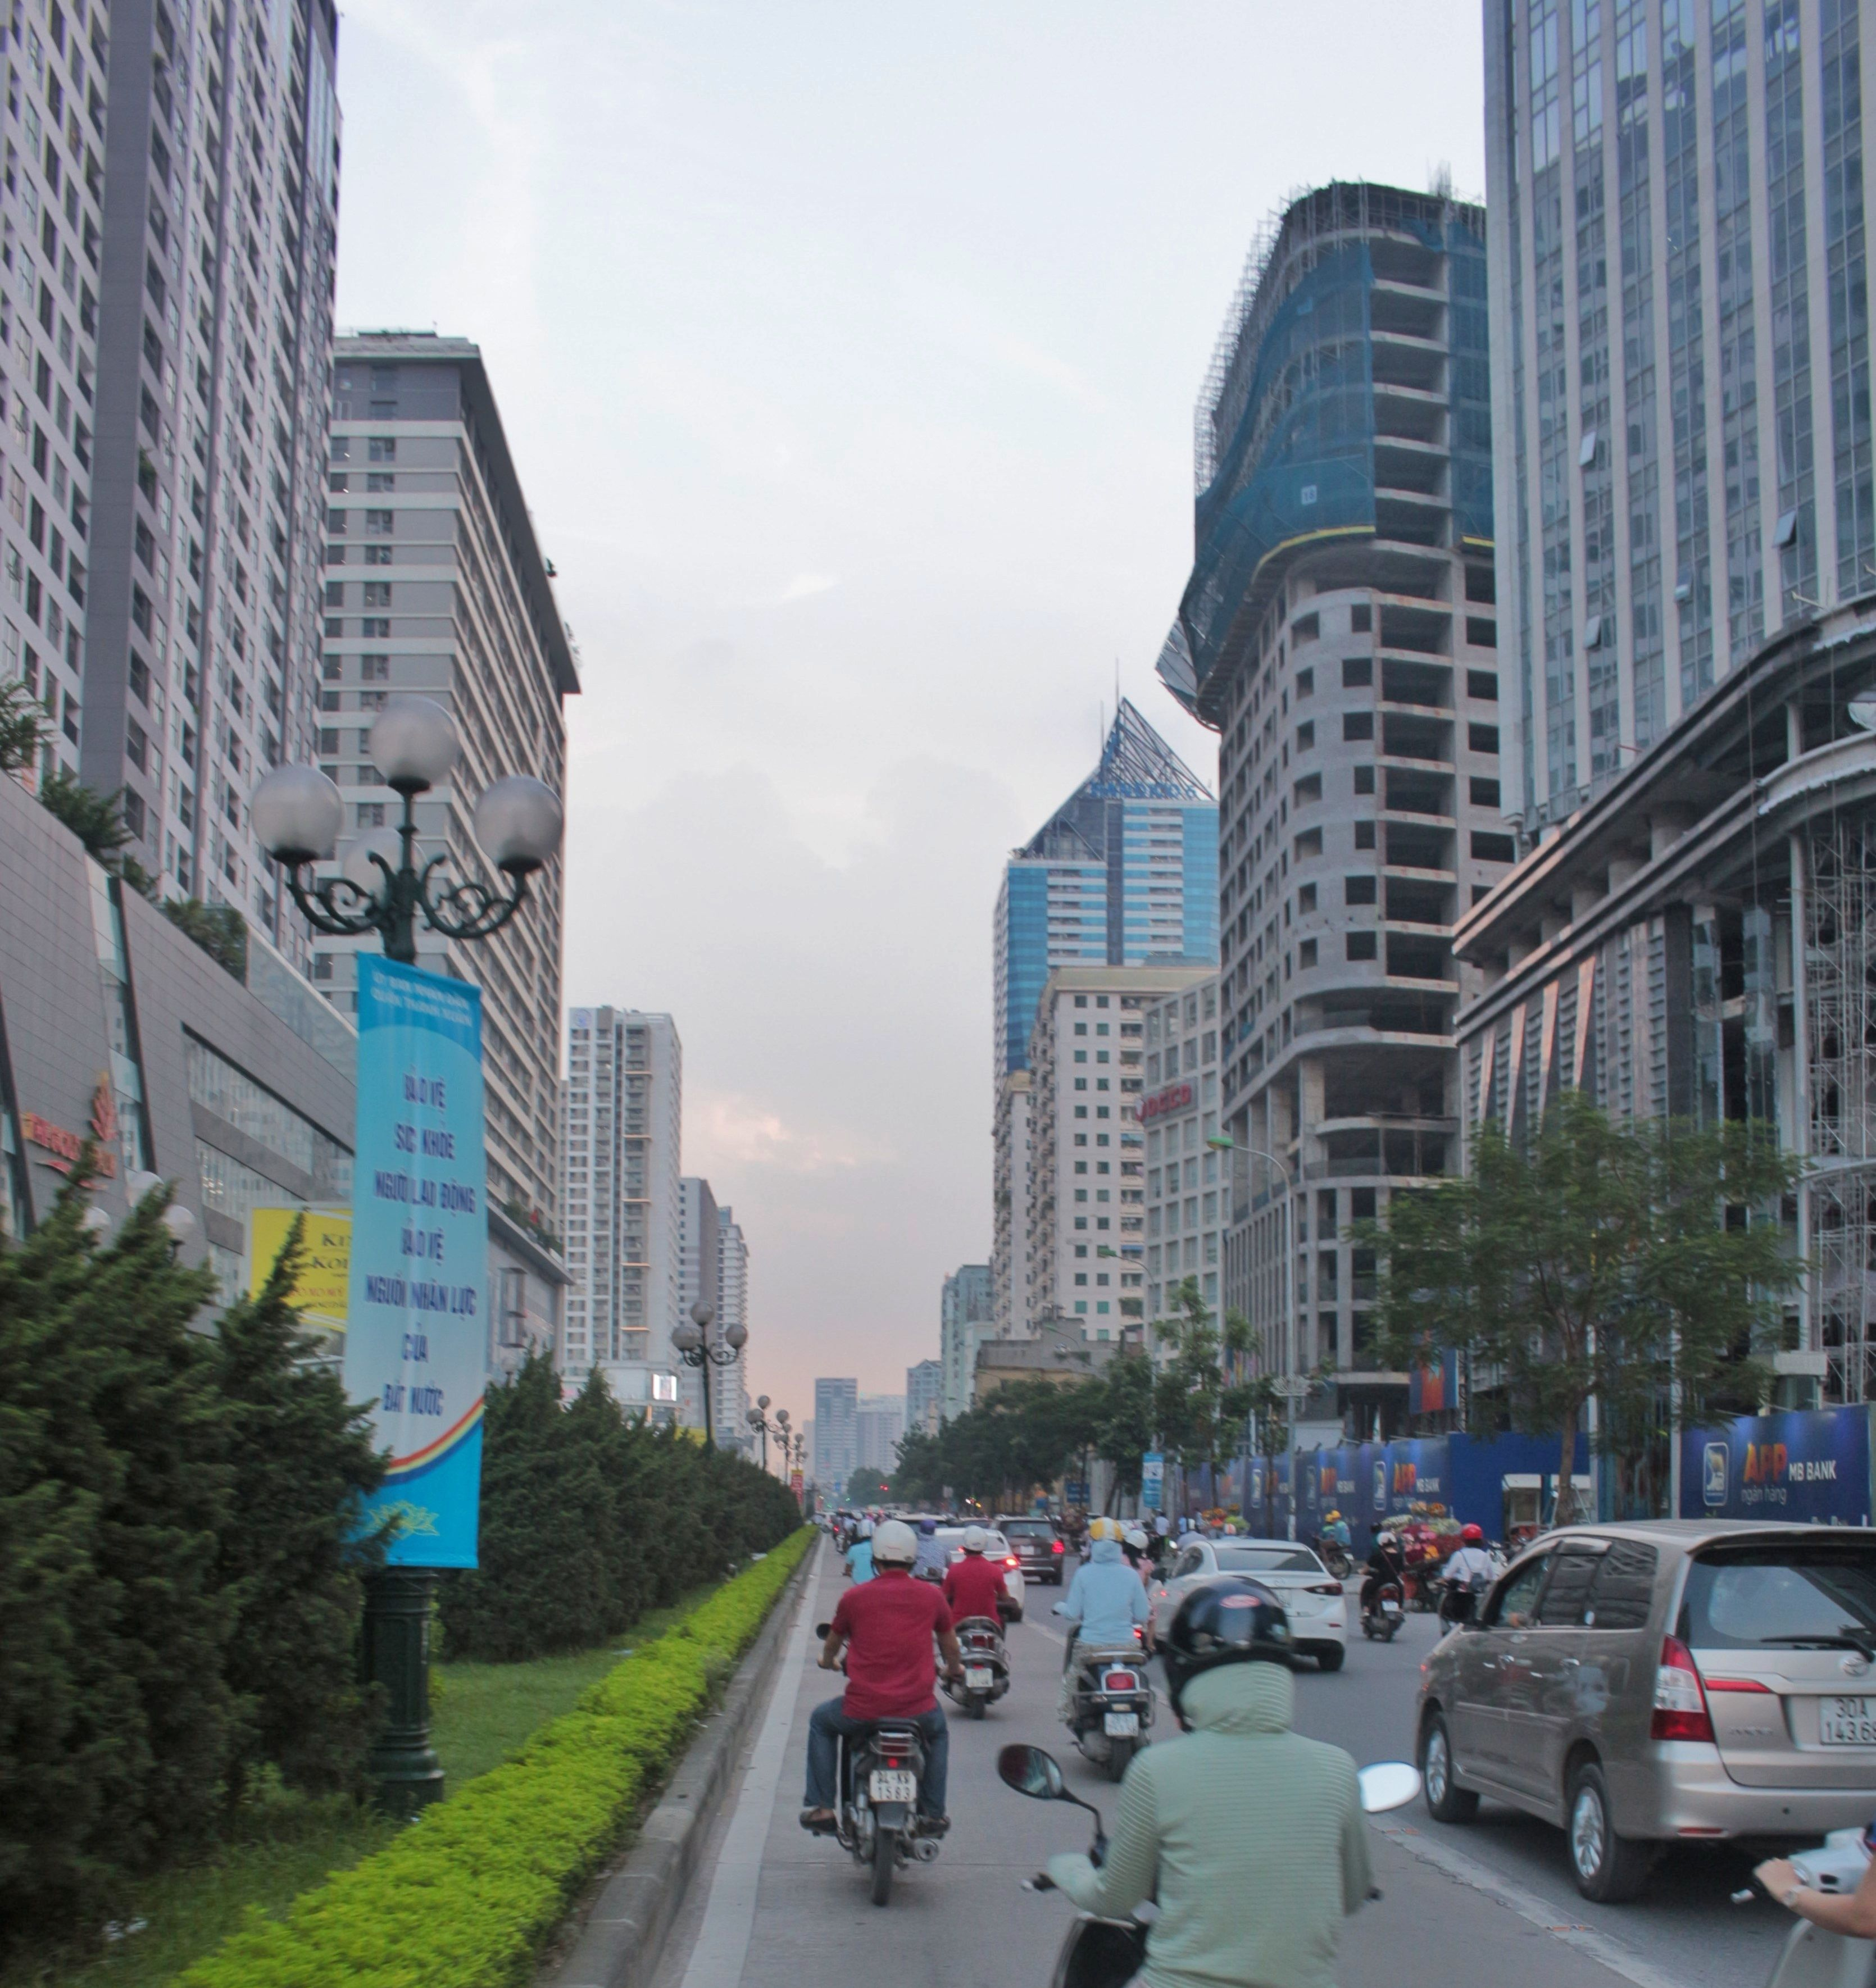 Cao ốc mọc lên dày đặc dọc 2 bên trục đường Lê Văn Lương.Ảnh: Hồng hạnh.